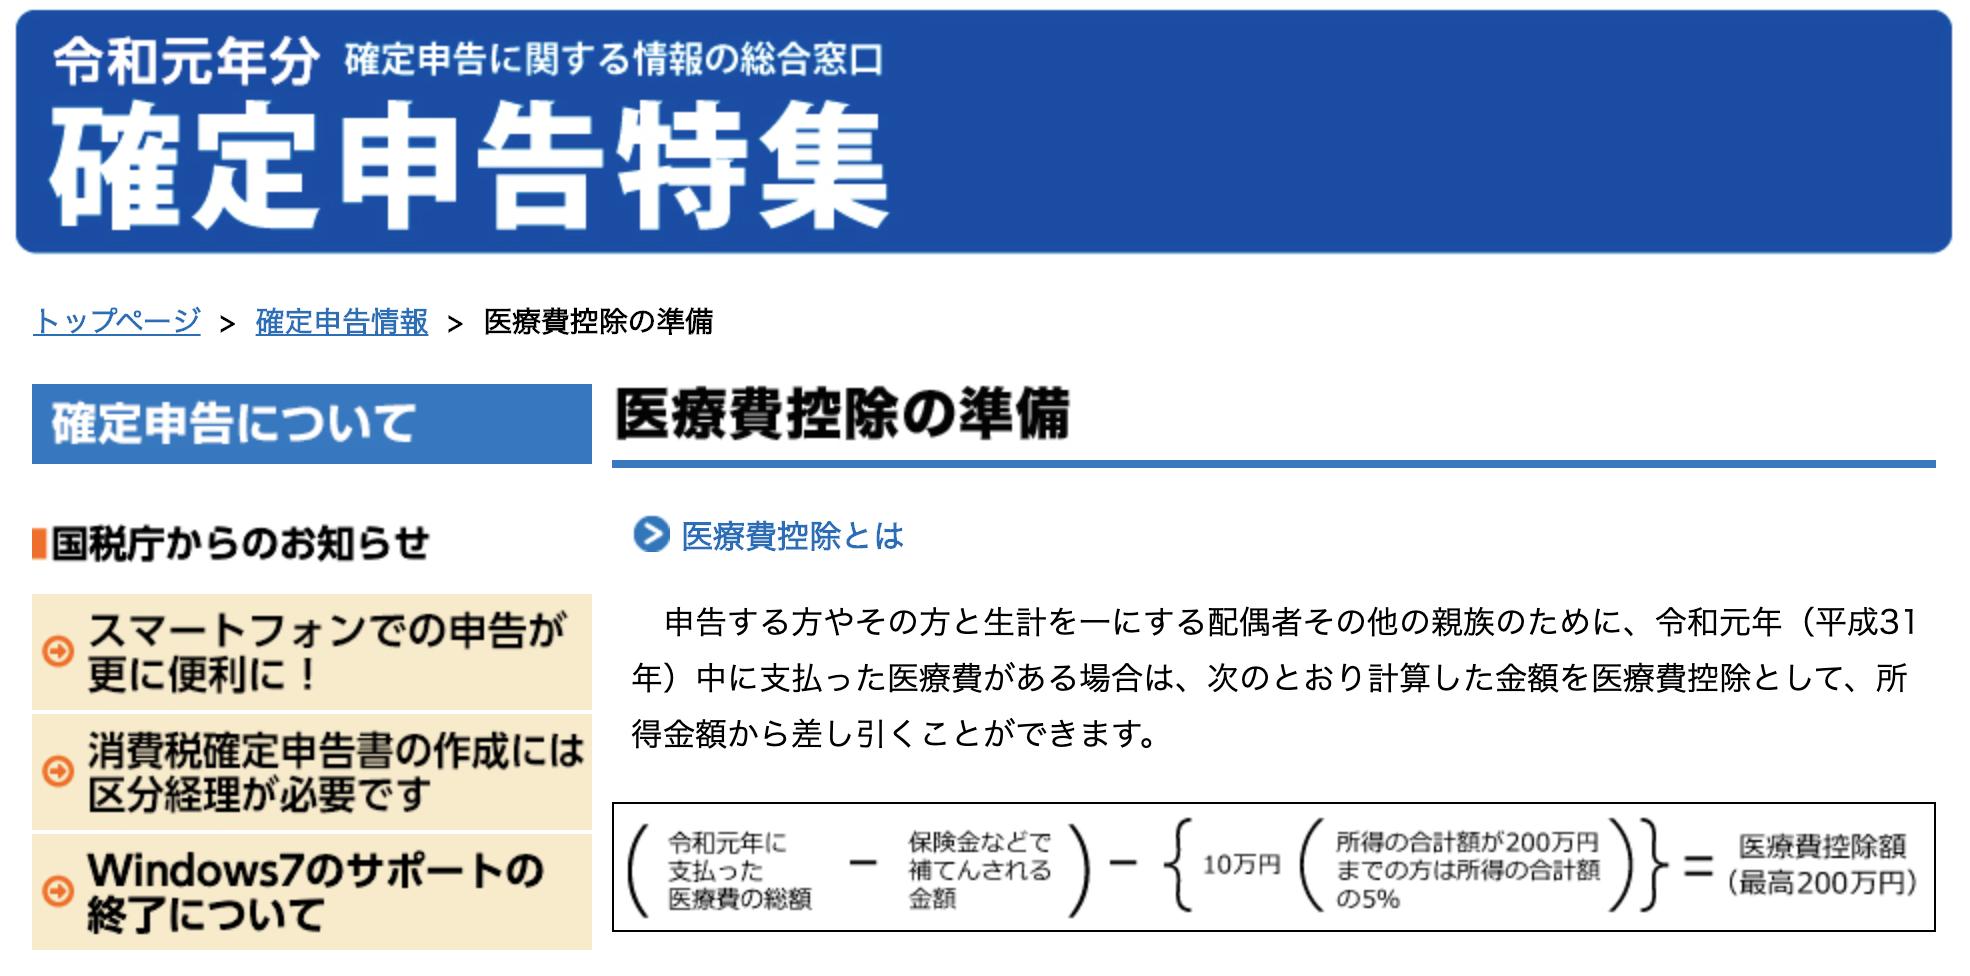 国税庁 医療 費 控除